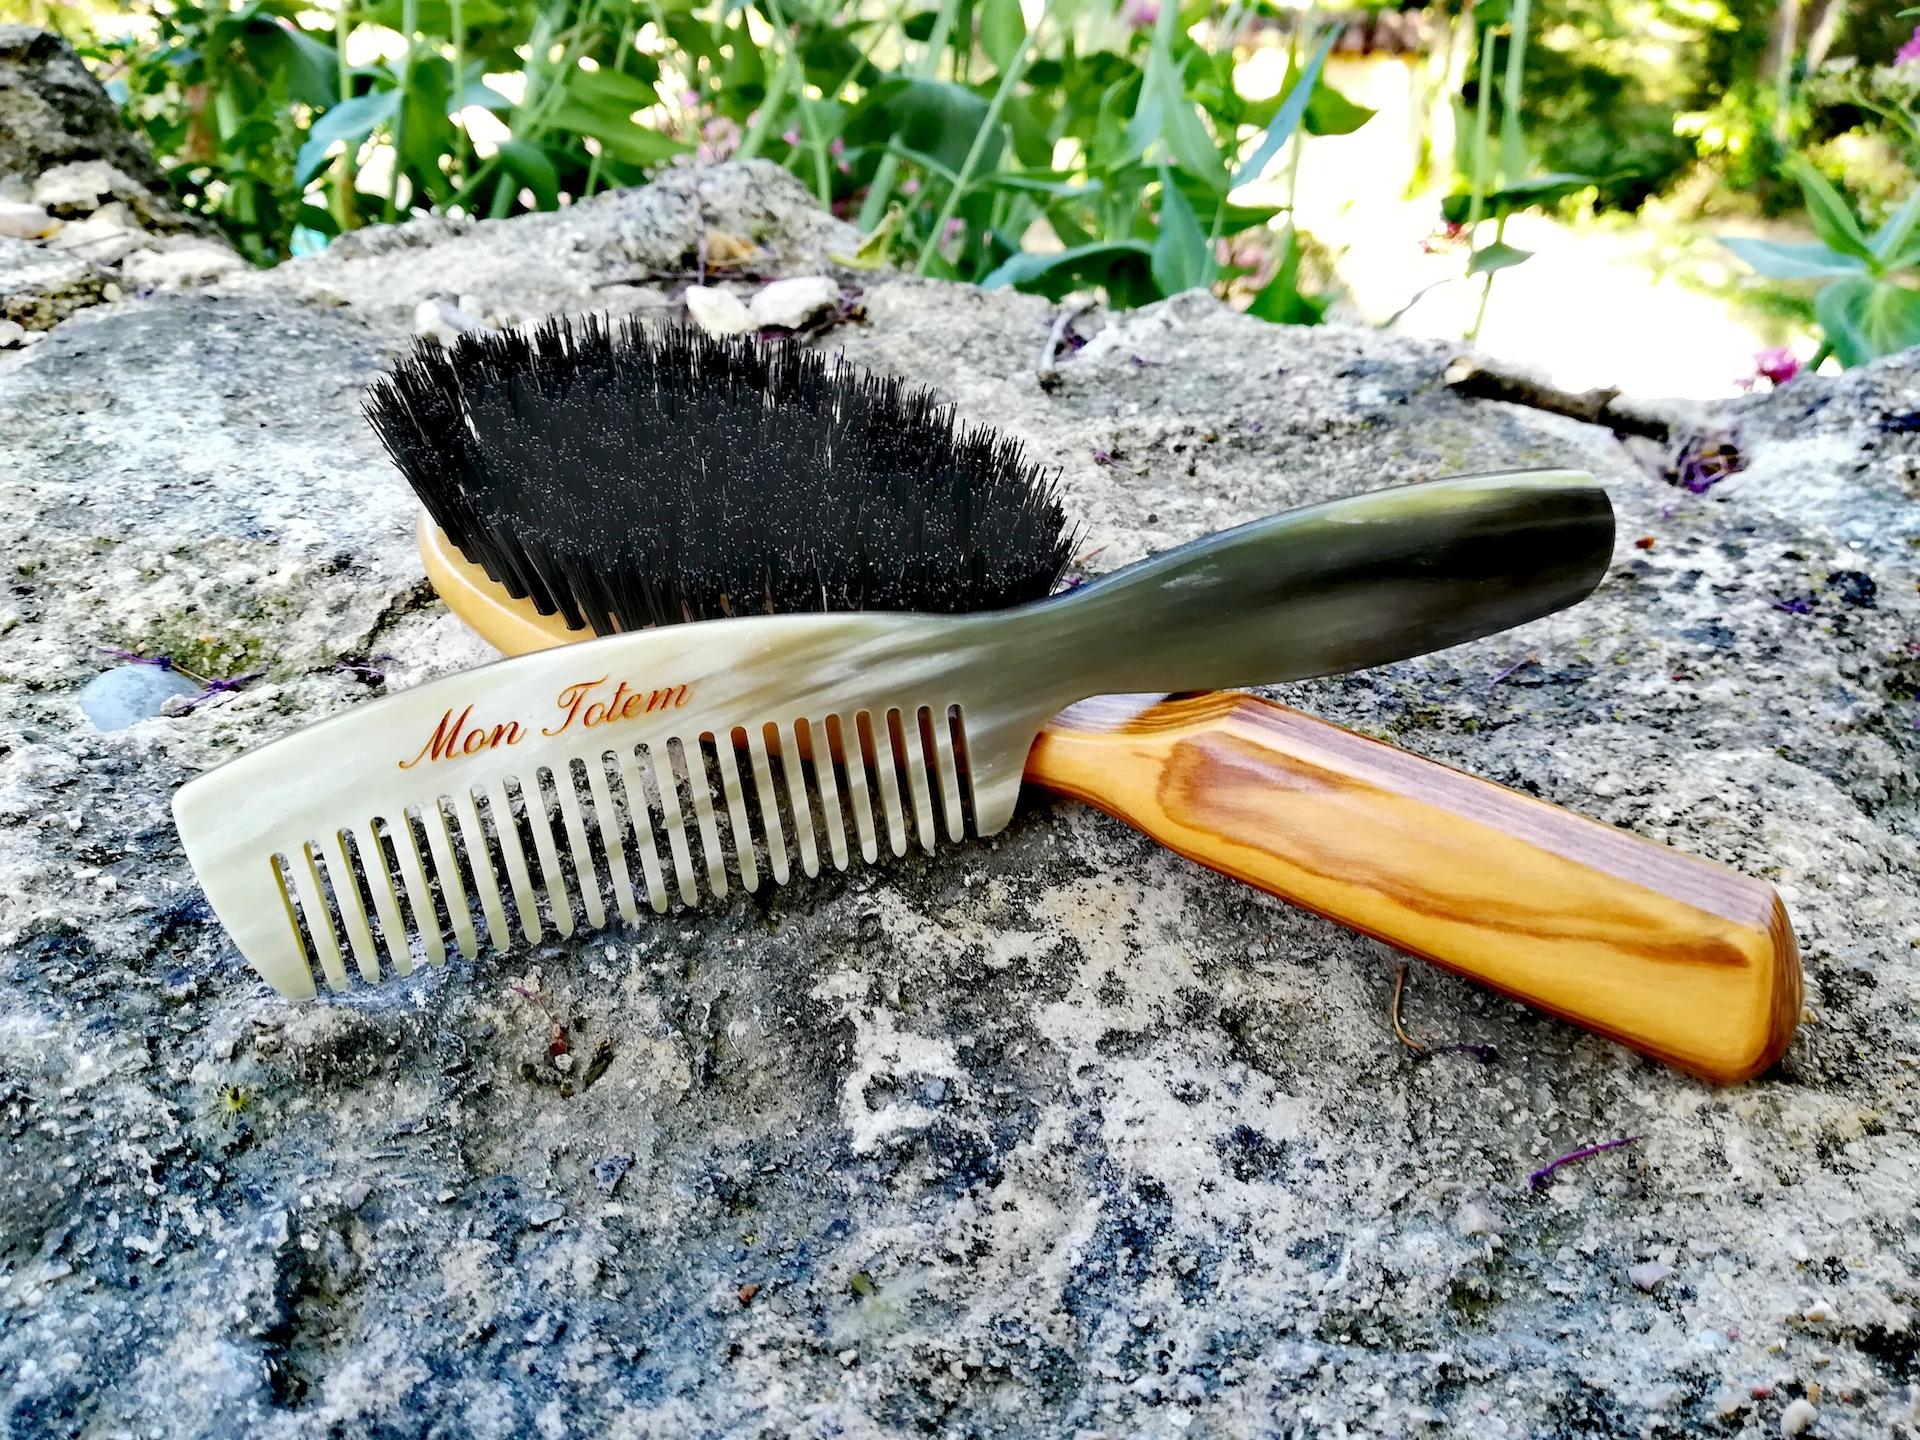 Les bienfaits des brosses à cheveux et des peignes en corne de Thomas Liorac